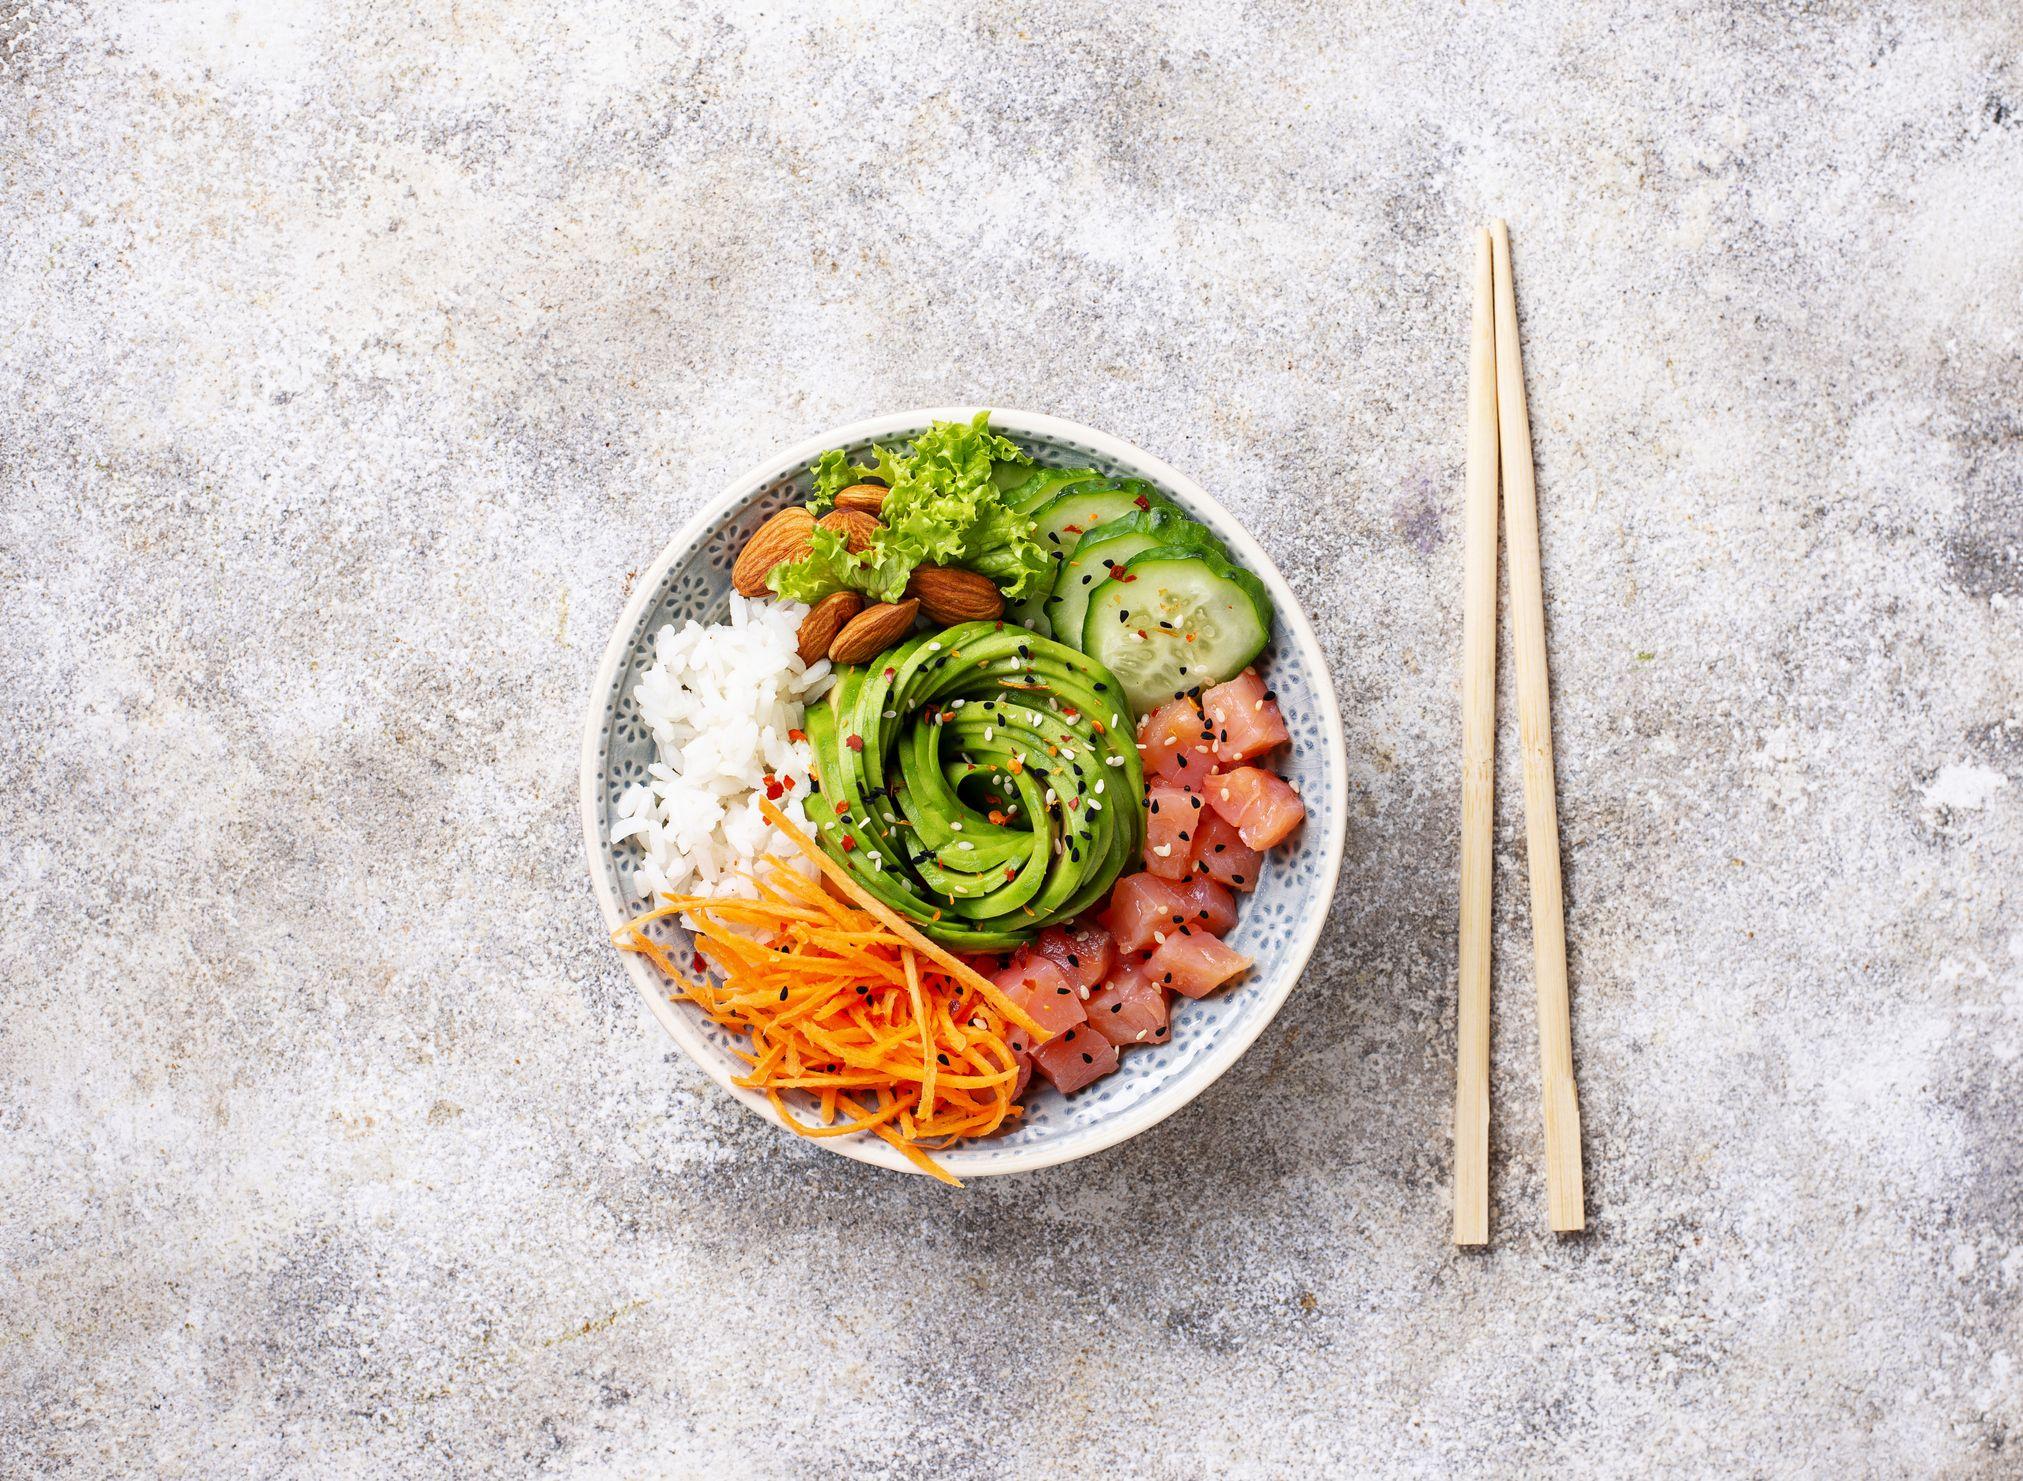 plan de comida diaria para perder peso extremo